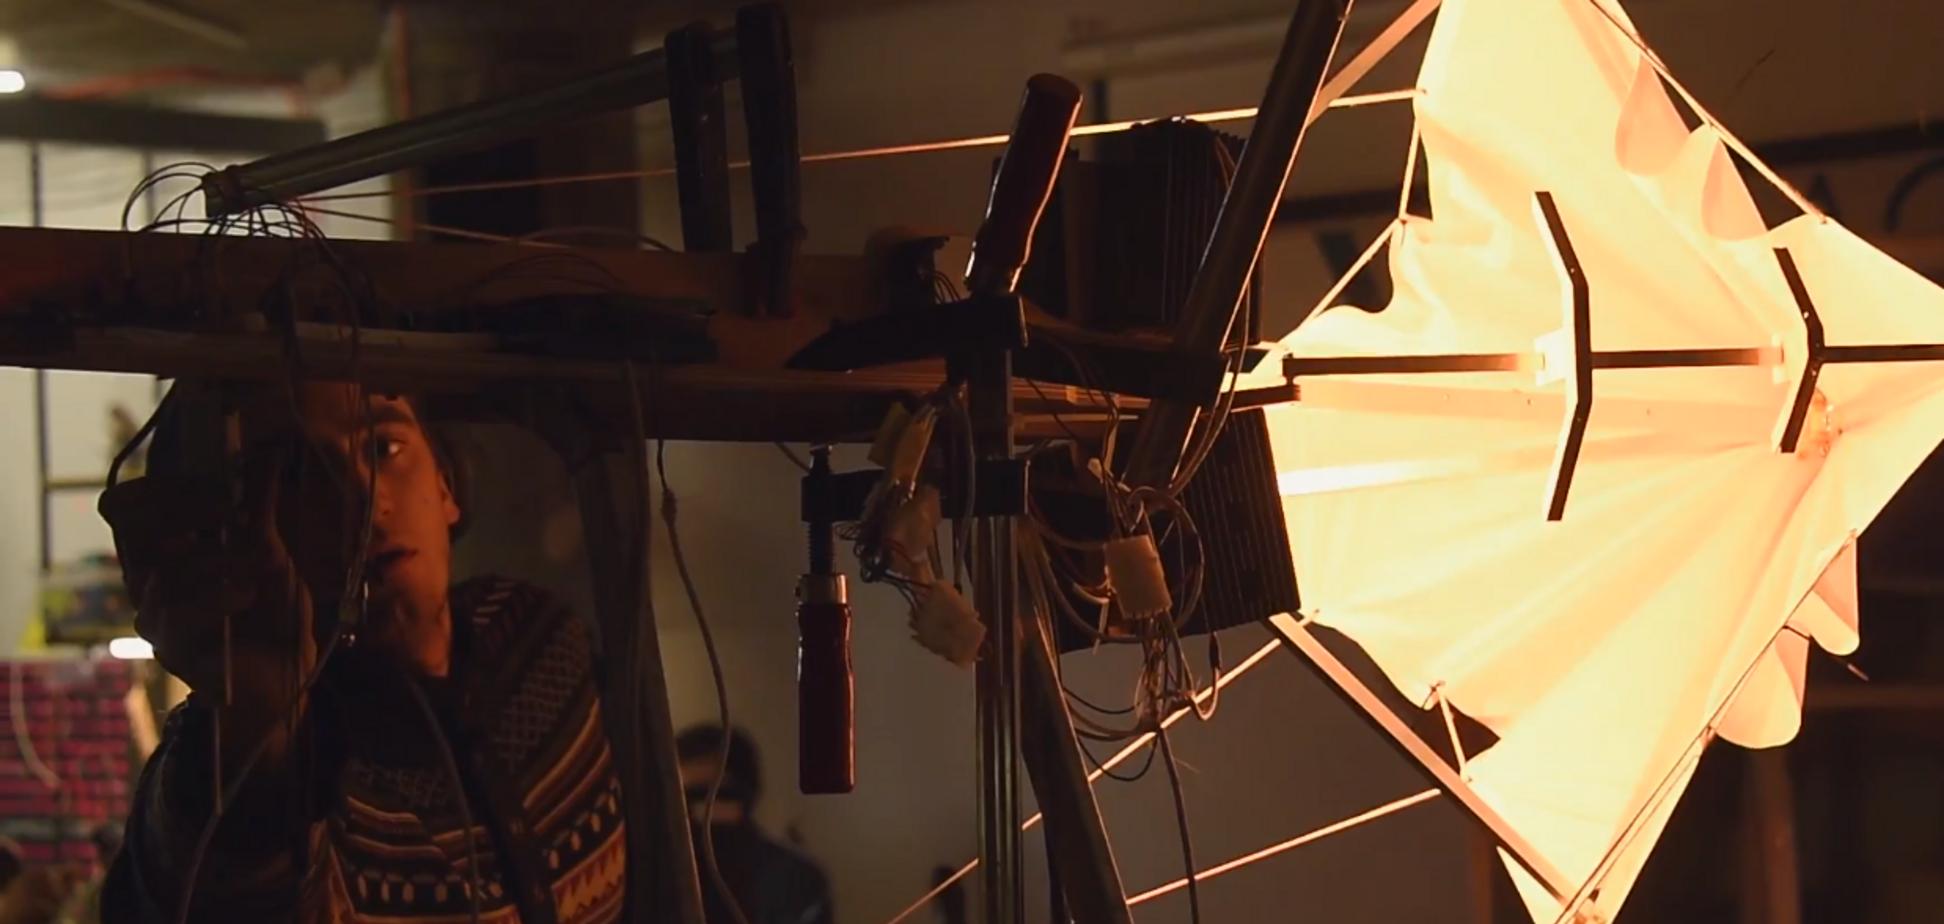 В Харькове студенты открыли сверхсовременную научную лабораторию в гараже. Видео